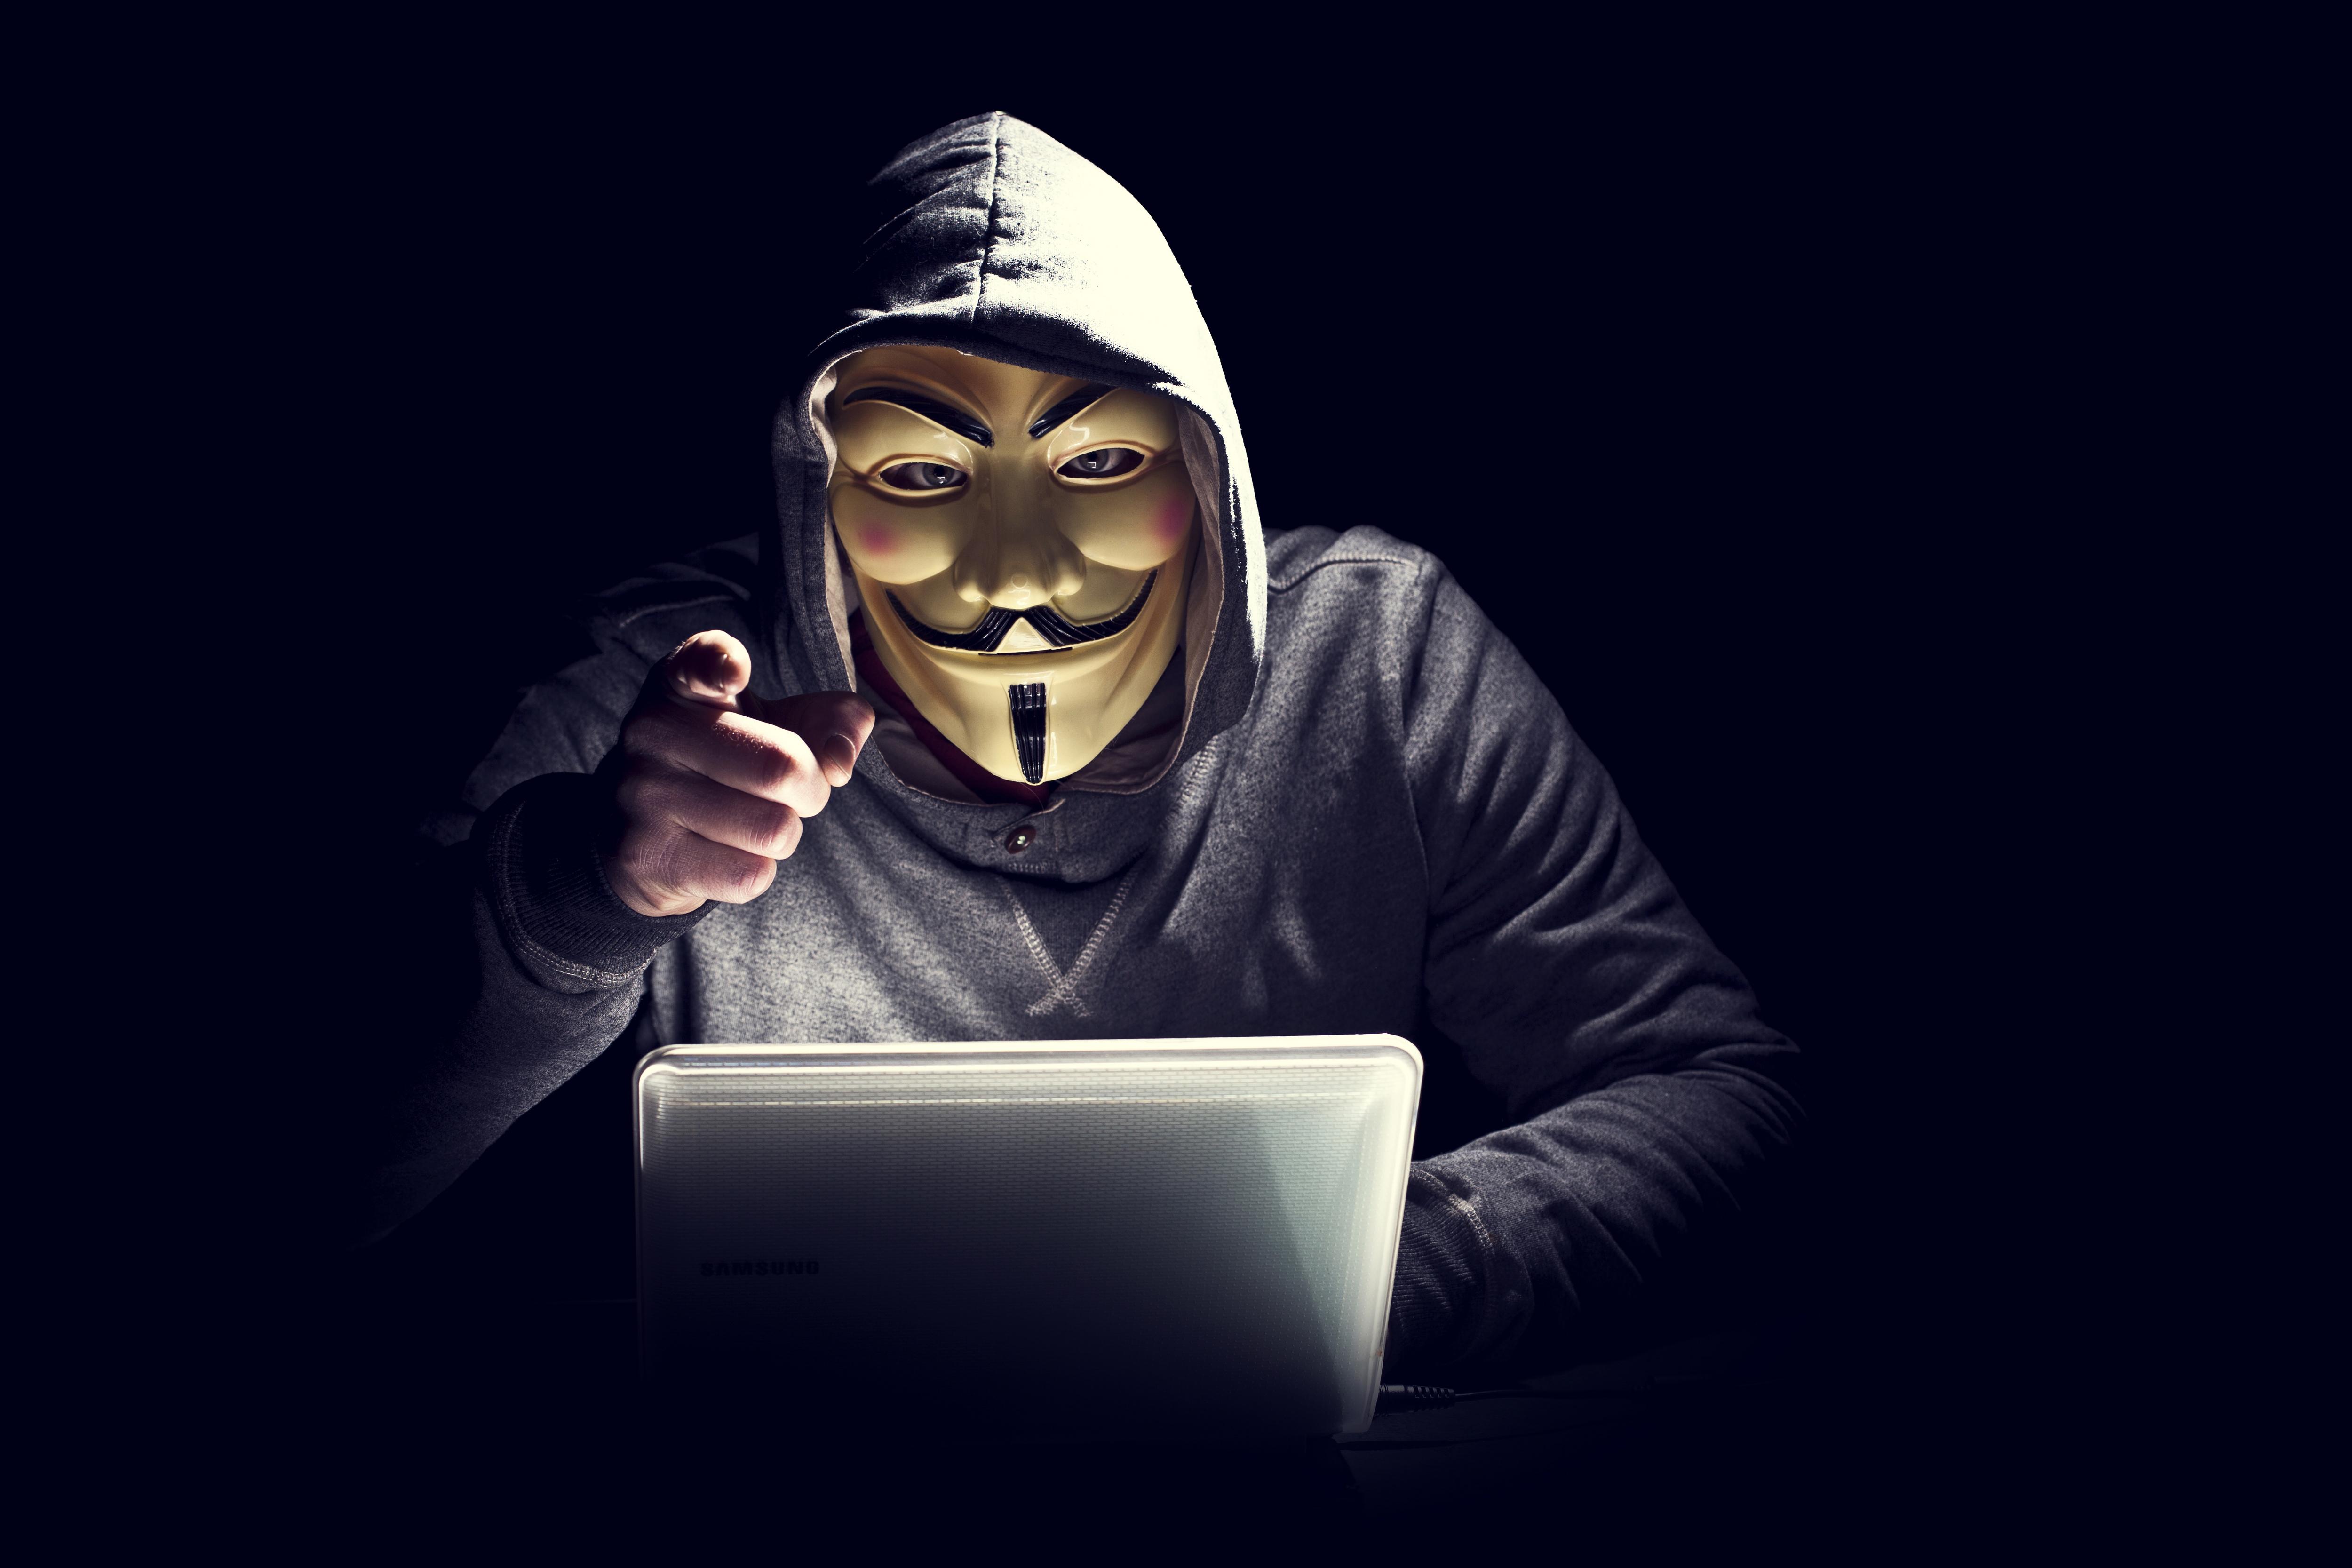 Hacken lernen: Die besten Tipps und Ideen für Anfänger - CHIP